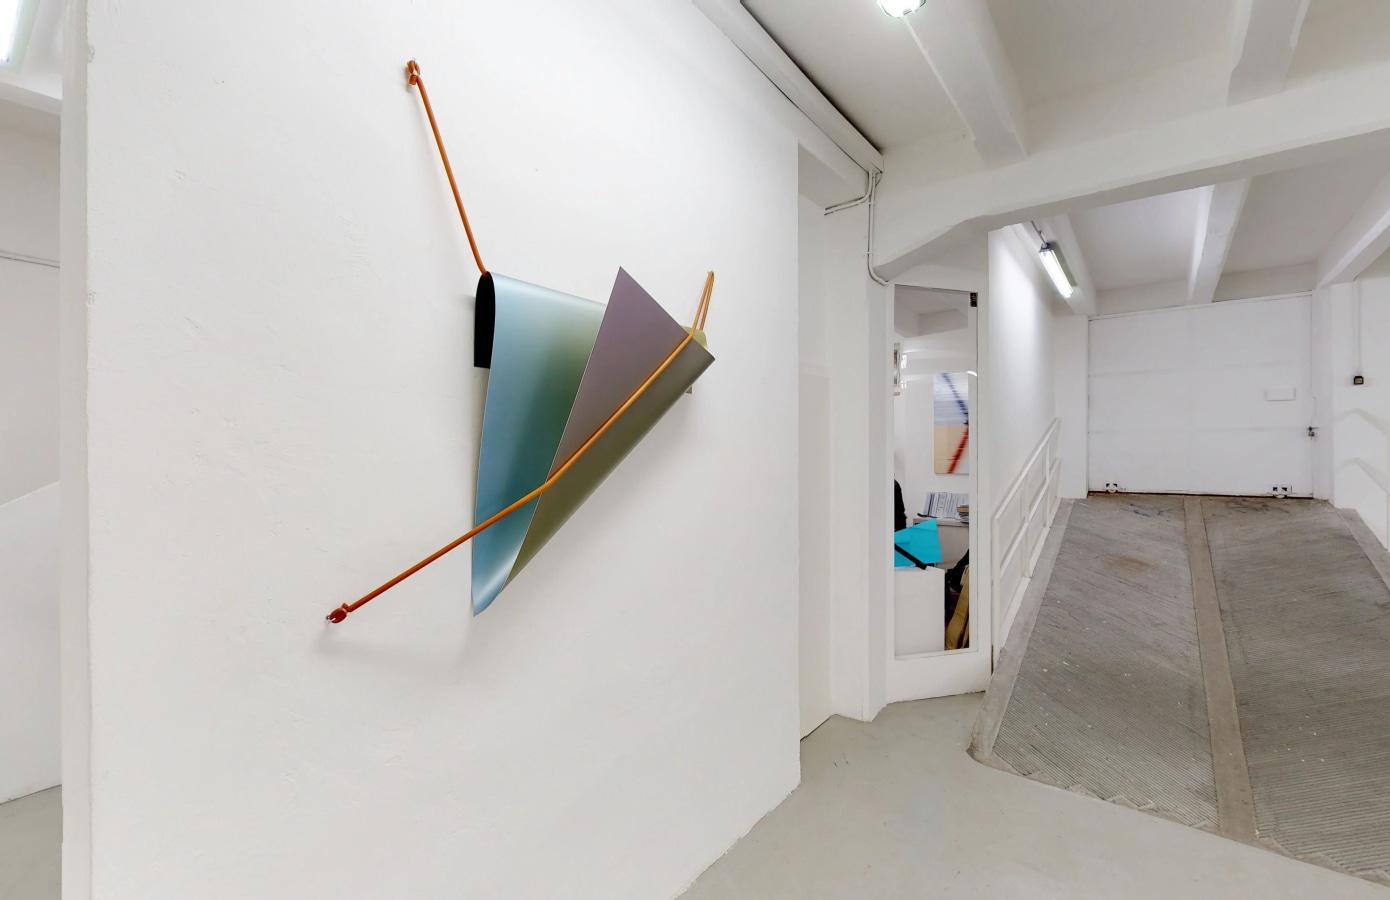 Art Rotterdam 2020, Hiva Alizadeh, Paolo Cavinato, Inma Femenia, Leonardo Ulian,